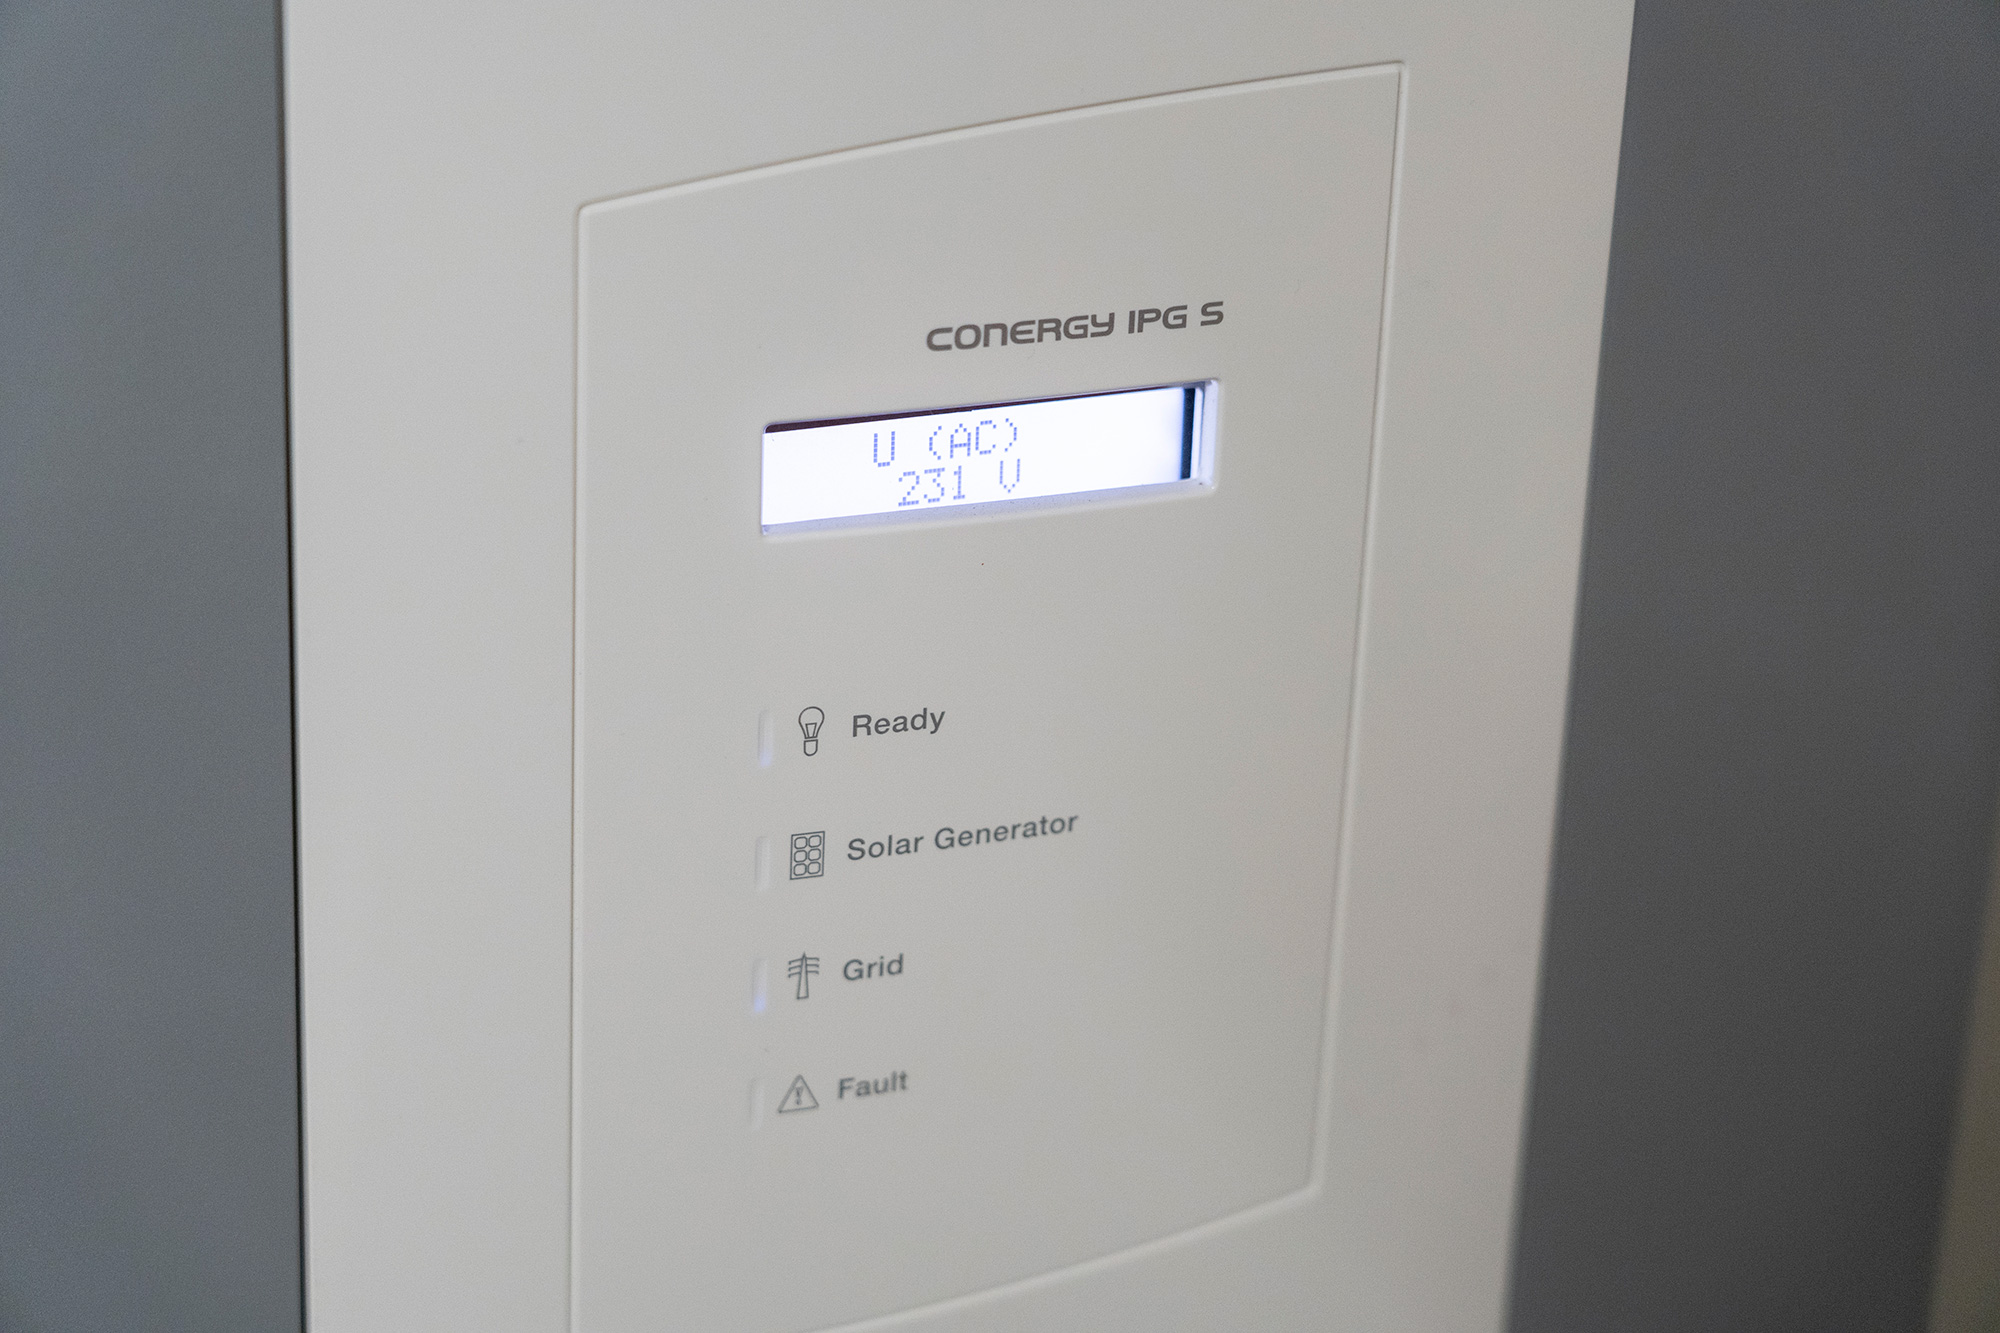 Der durch die Photovoltaik Anlage gewonnene Strom wird durch einen Wechselrichter nutzbar gemacht